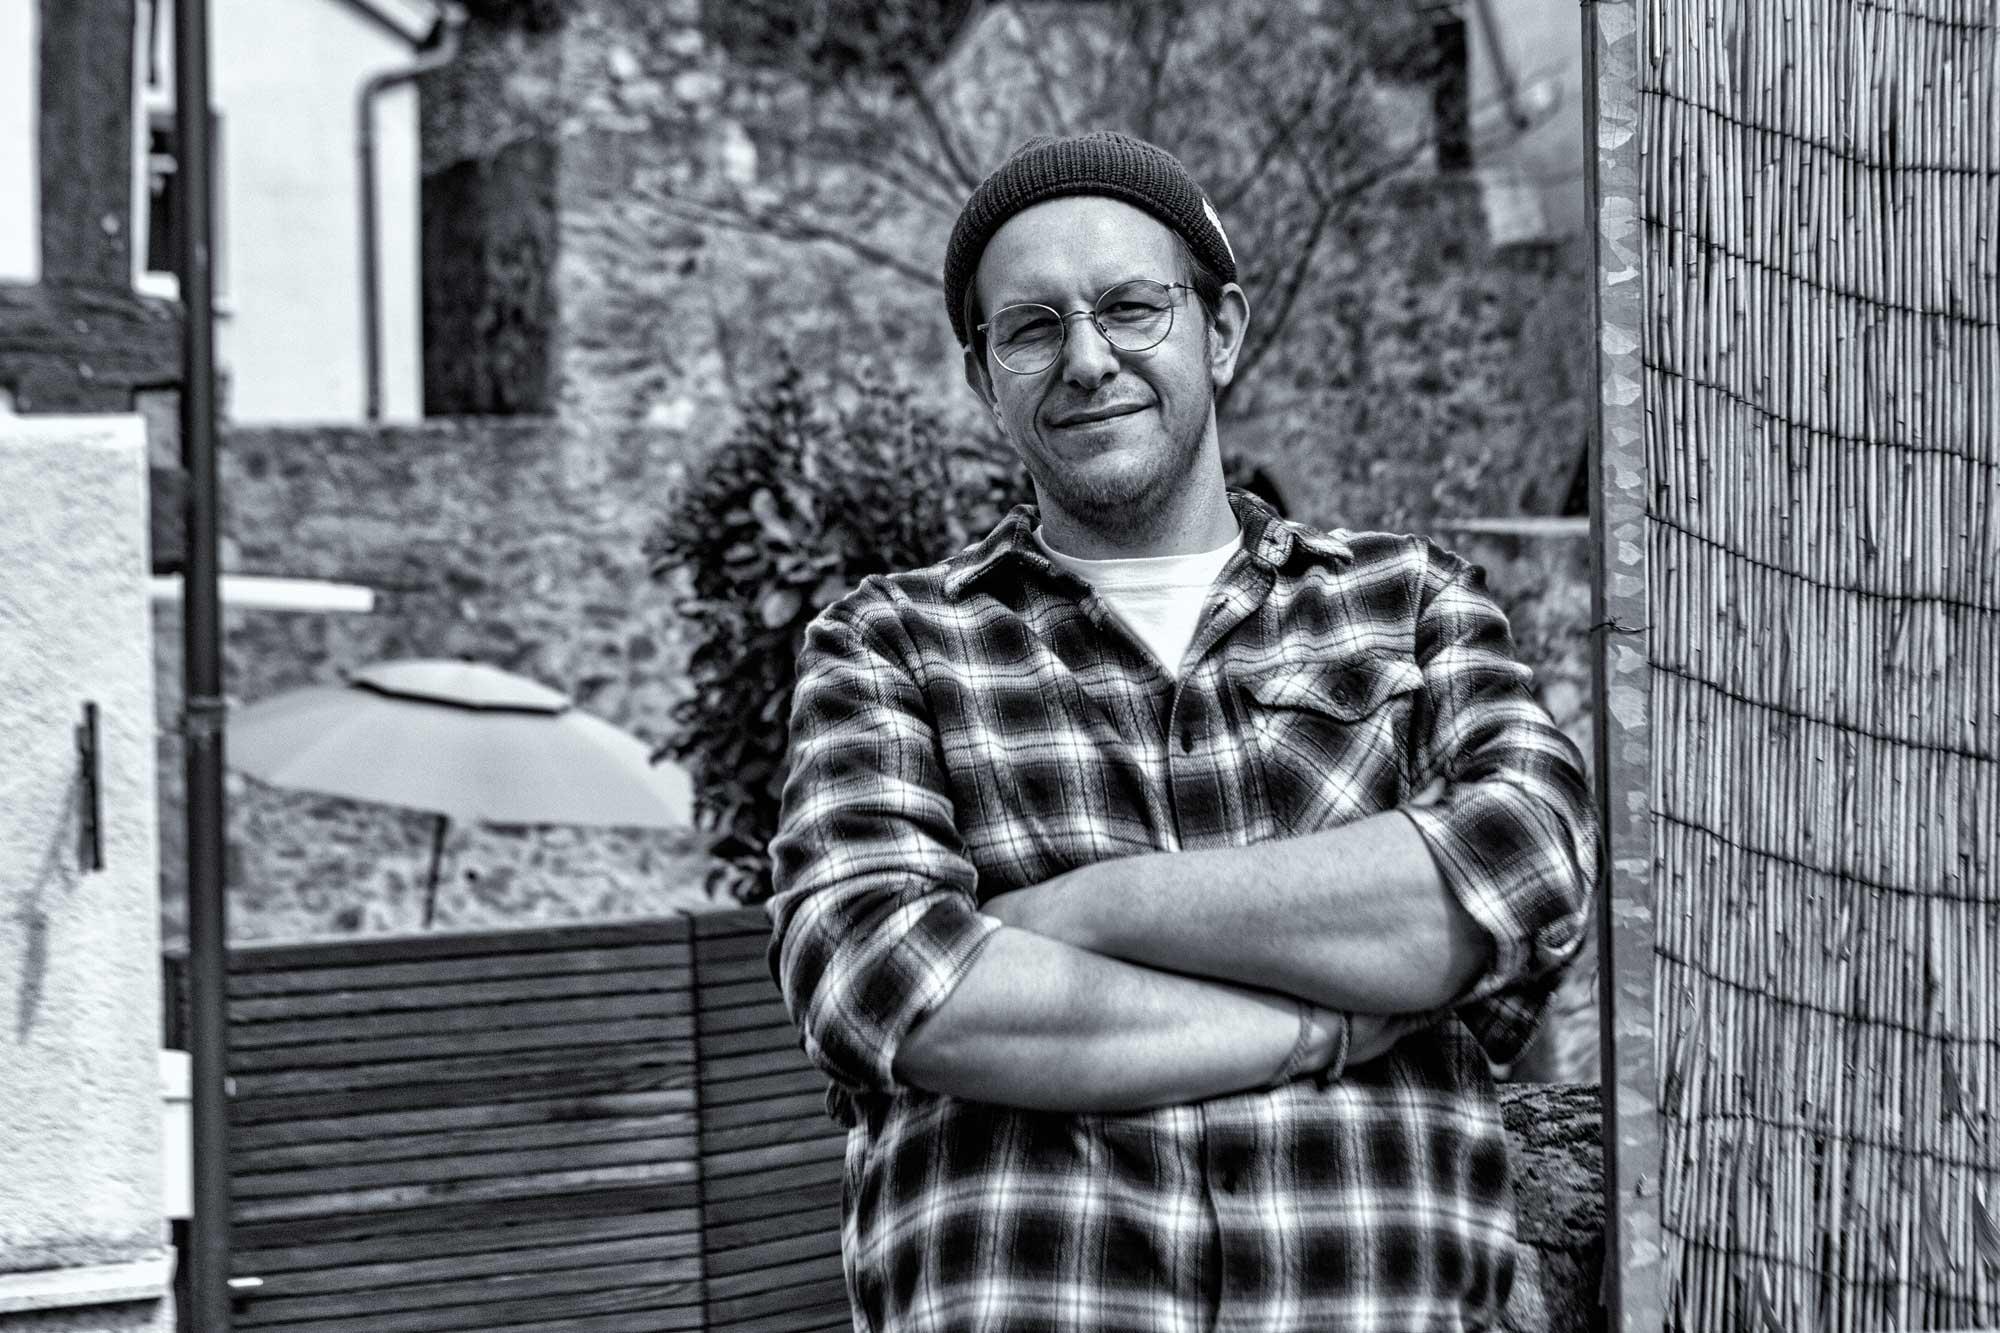 Marc-André Kaltwassers in Kaltwassers Wohnzimmer in Zwingenberg an der Bergstraße in Hessen